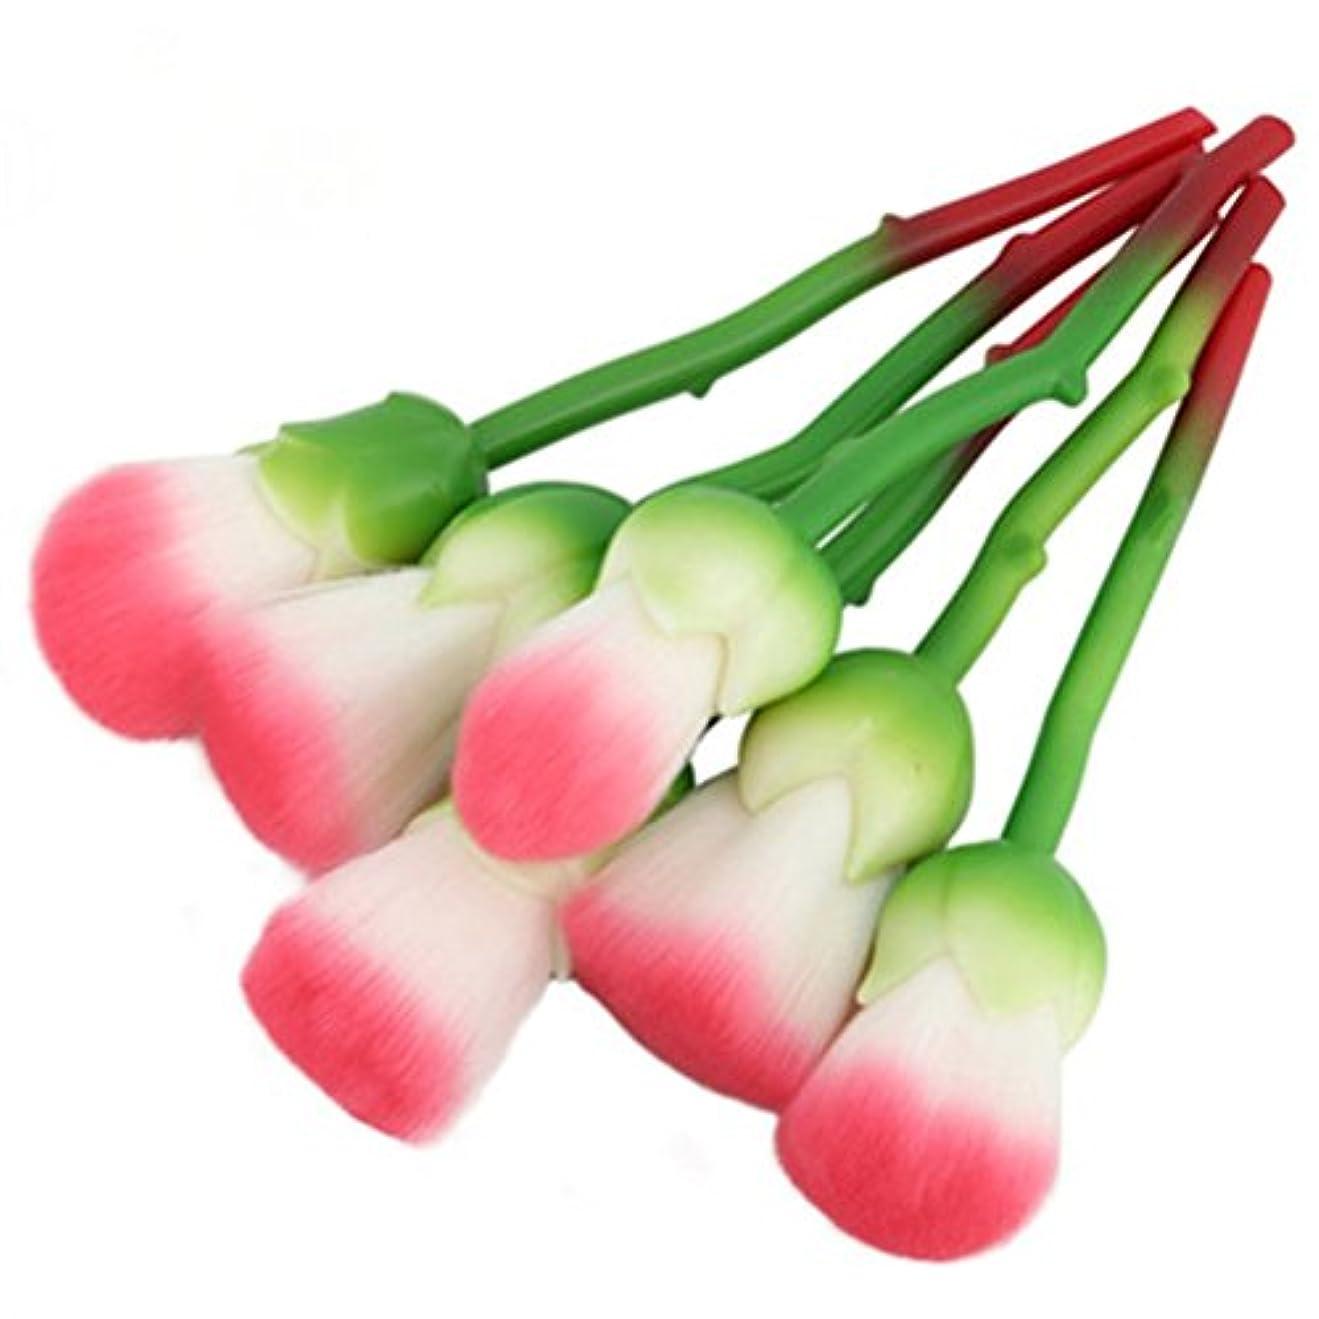 量でモンキー遠近法ディラビューティー(Dilla Beauty) メイクブラシ 薔薇 メイクブラシセット 人気 ファンデーションブラシ 化粧筆 可愛い 化粧ブラシ セット パウダーブラシ フェイスブラシ ローズ メイクブラシ 6本セット ケース付き (グリーン)